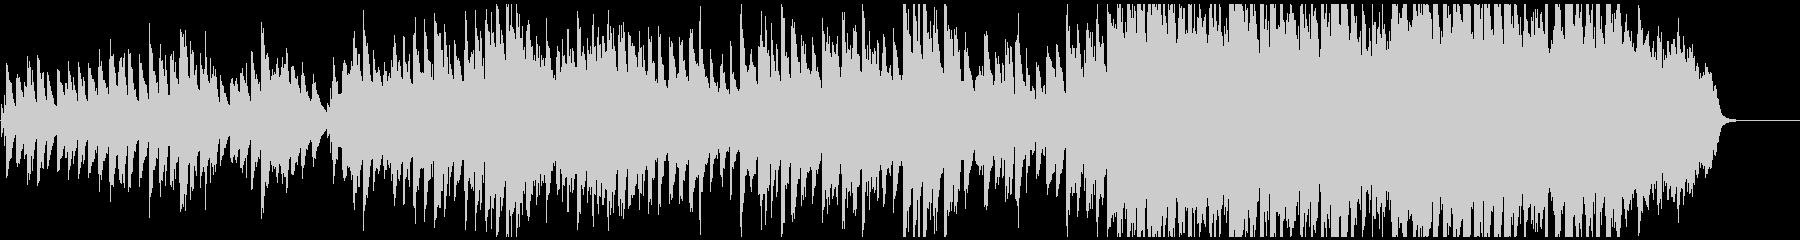 ピアノとストリングスの切ない曲の未再生の波形